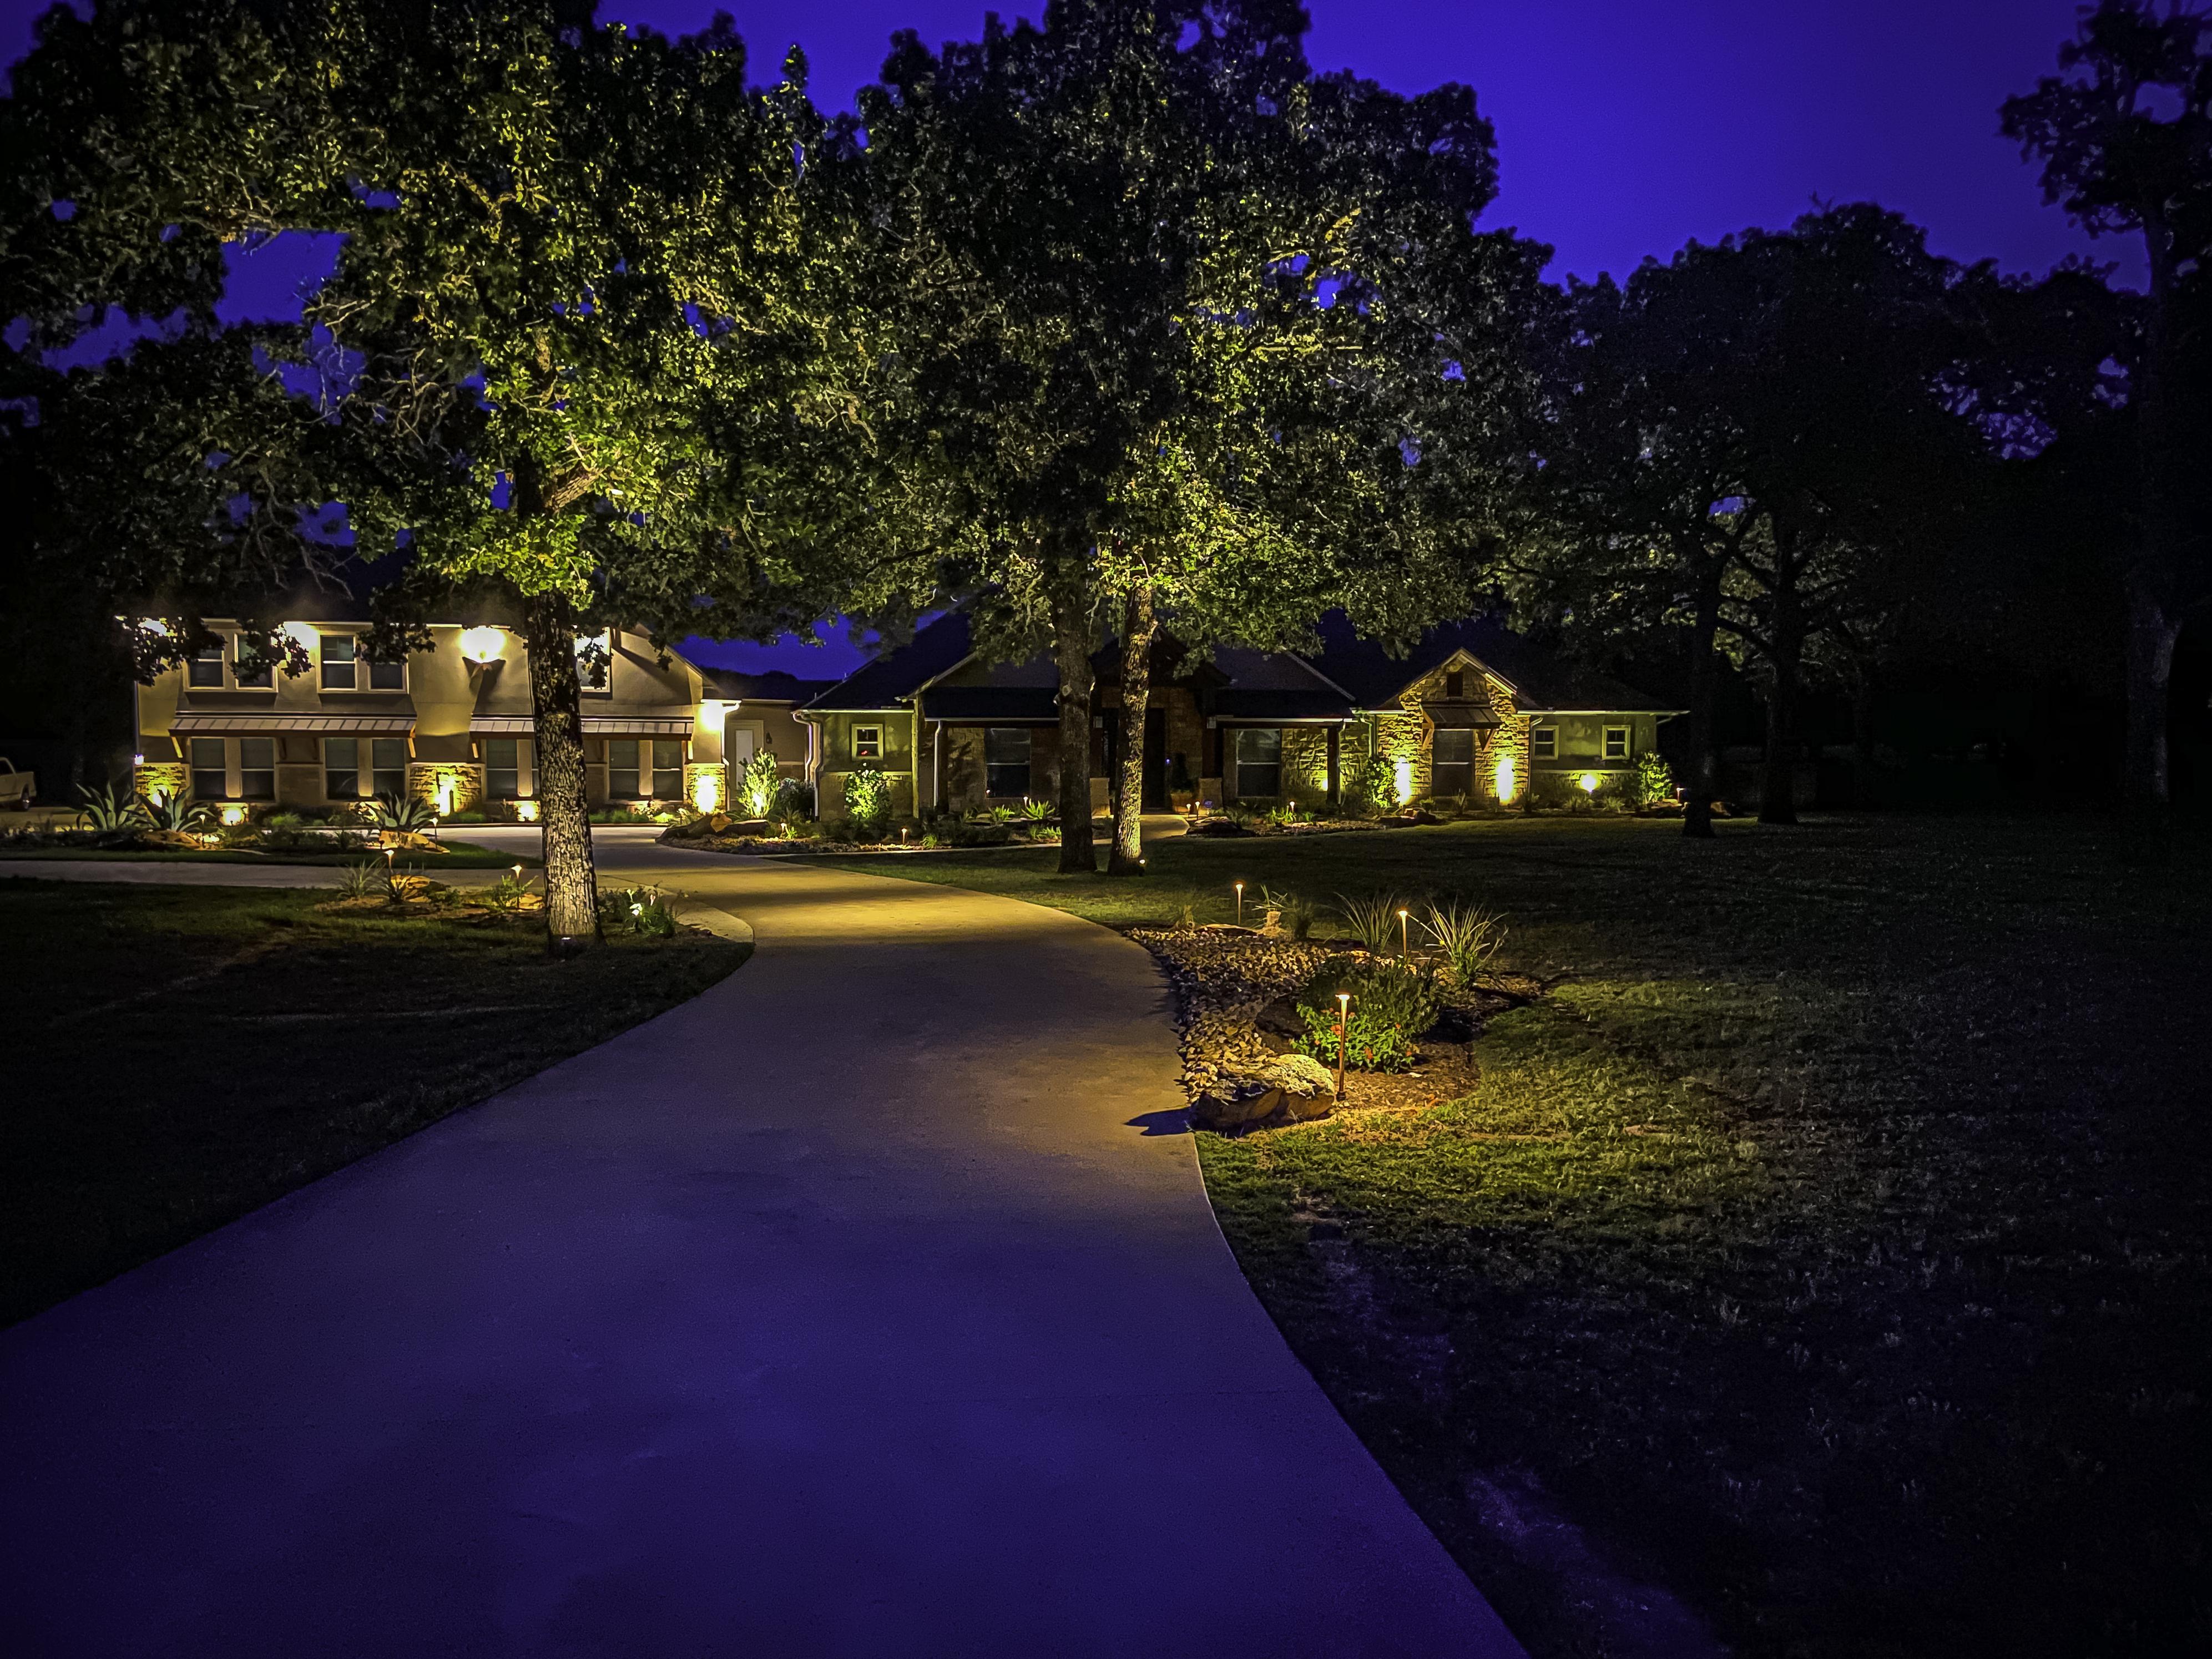 Outdoor Lighting Contractors In College Station Tx